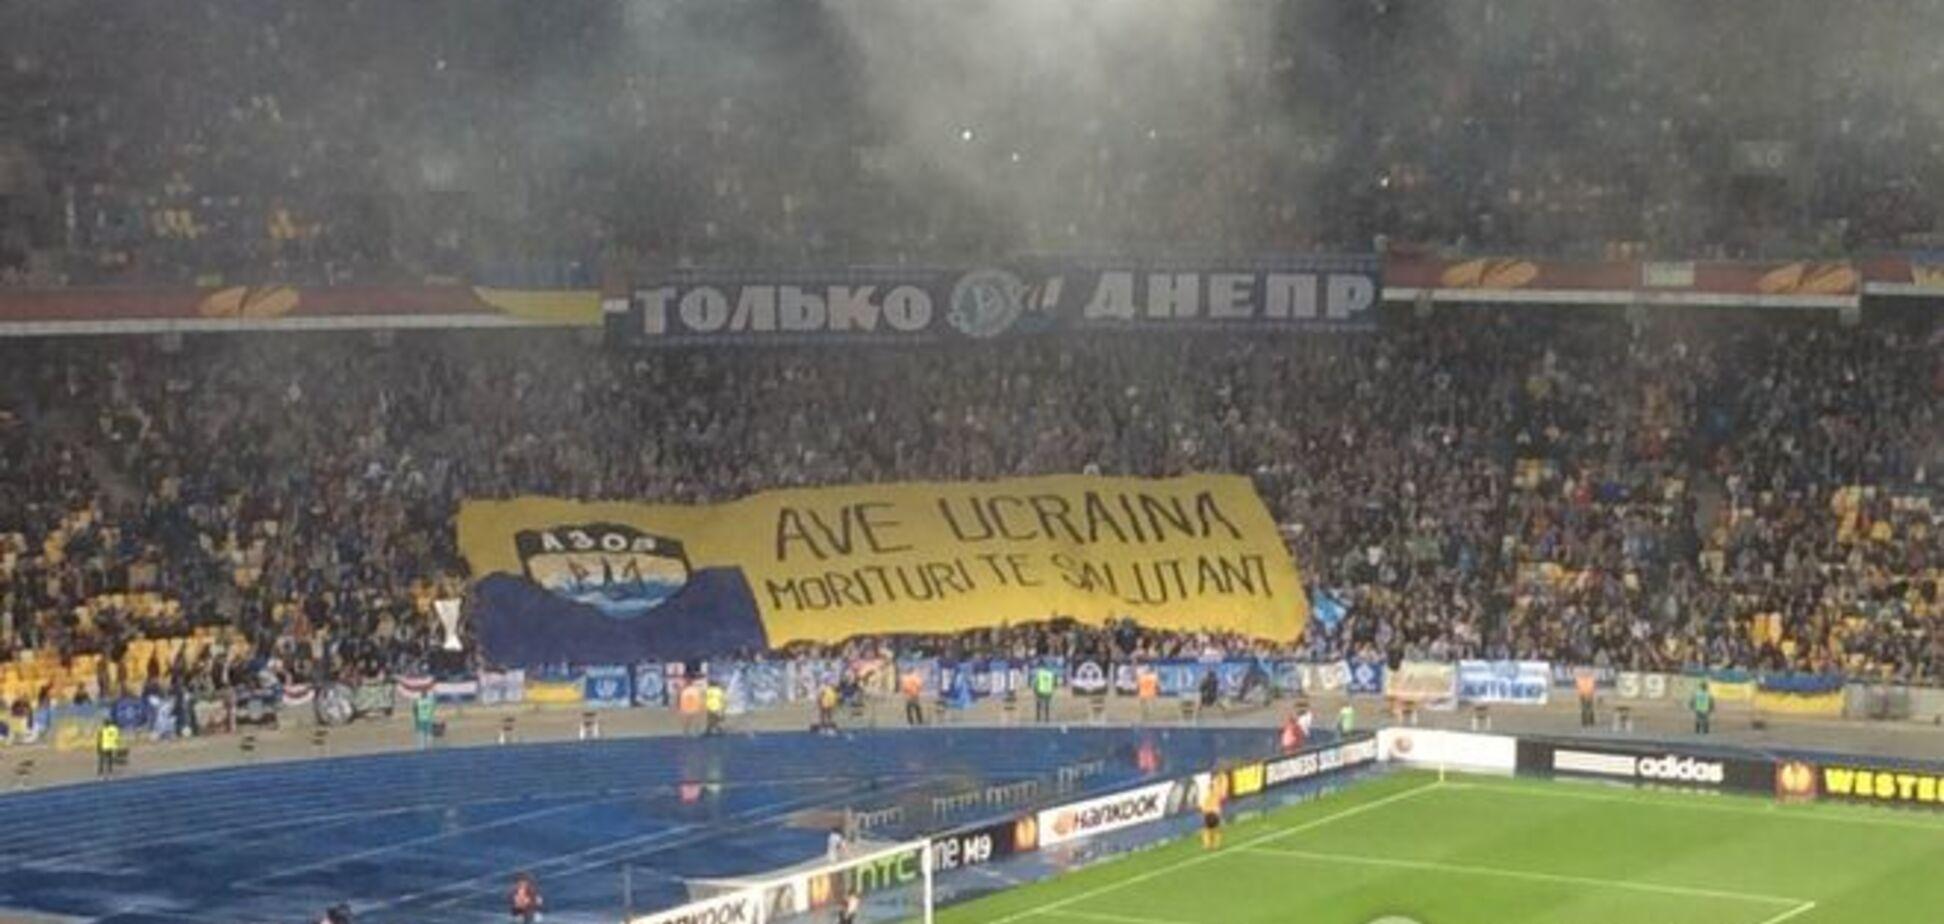 'Ті, що йдуть на смерть, вітають тебе': вболівальники ефектно підтримали 'Дніпро'